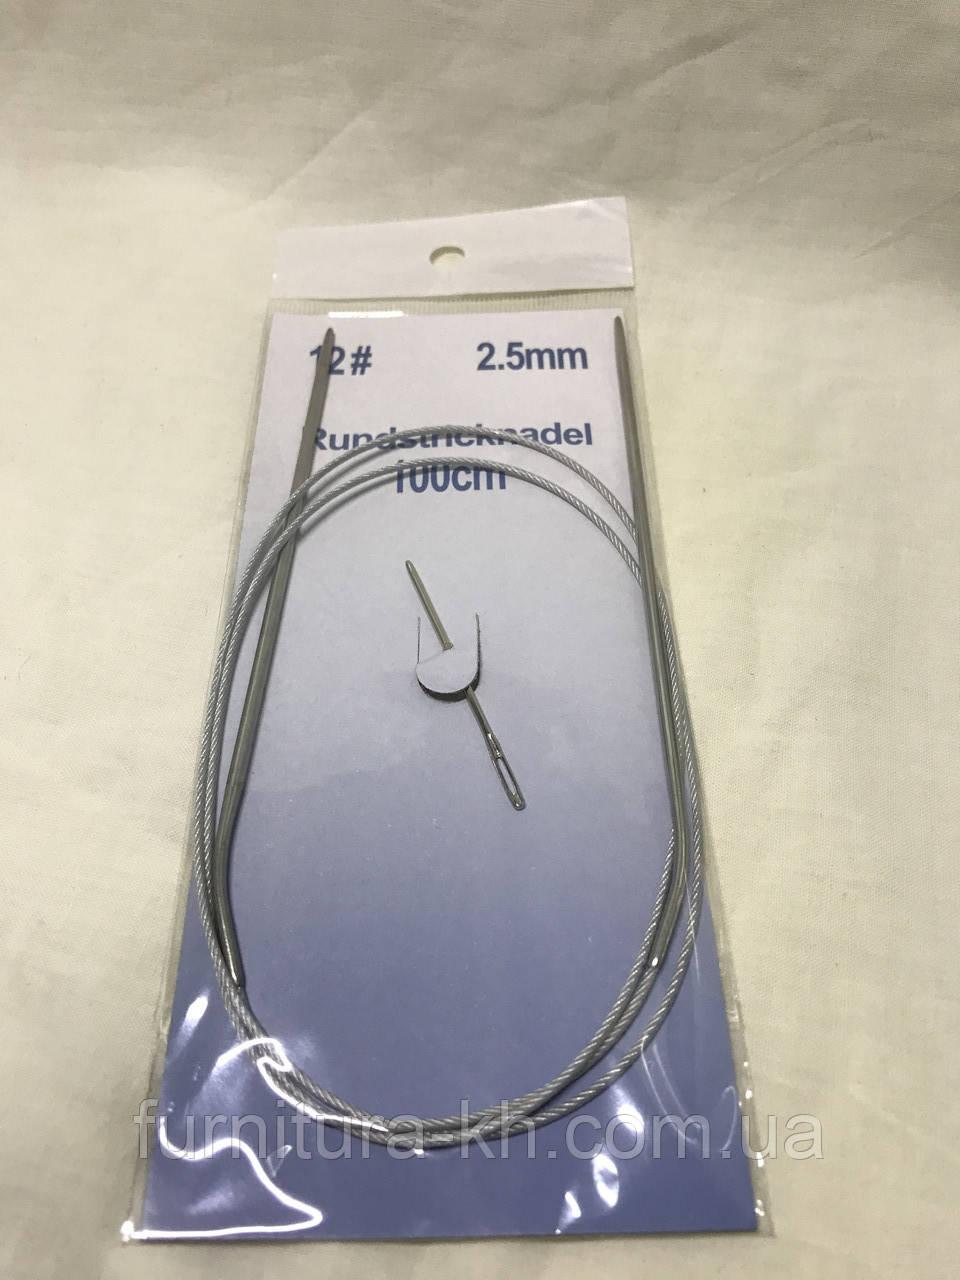 Спицы вязальные на тросике 100 см размер 2.5 мм